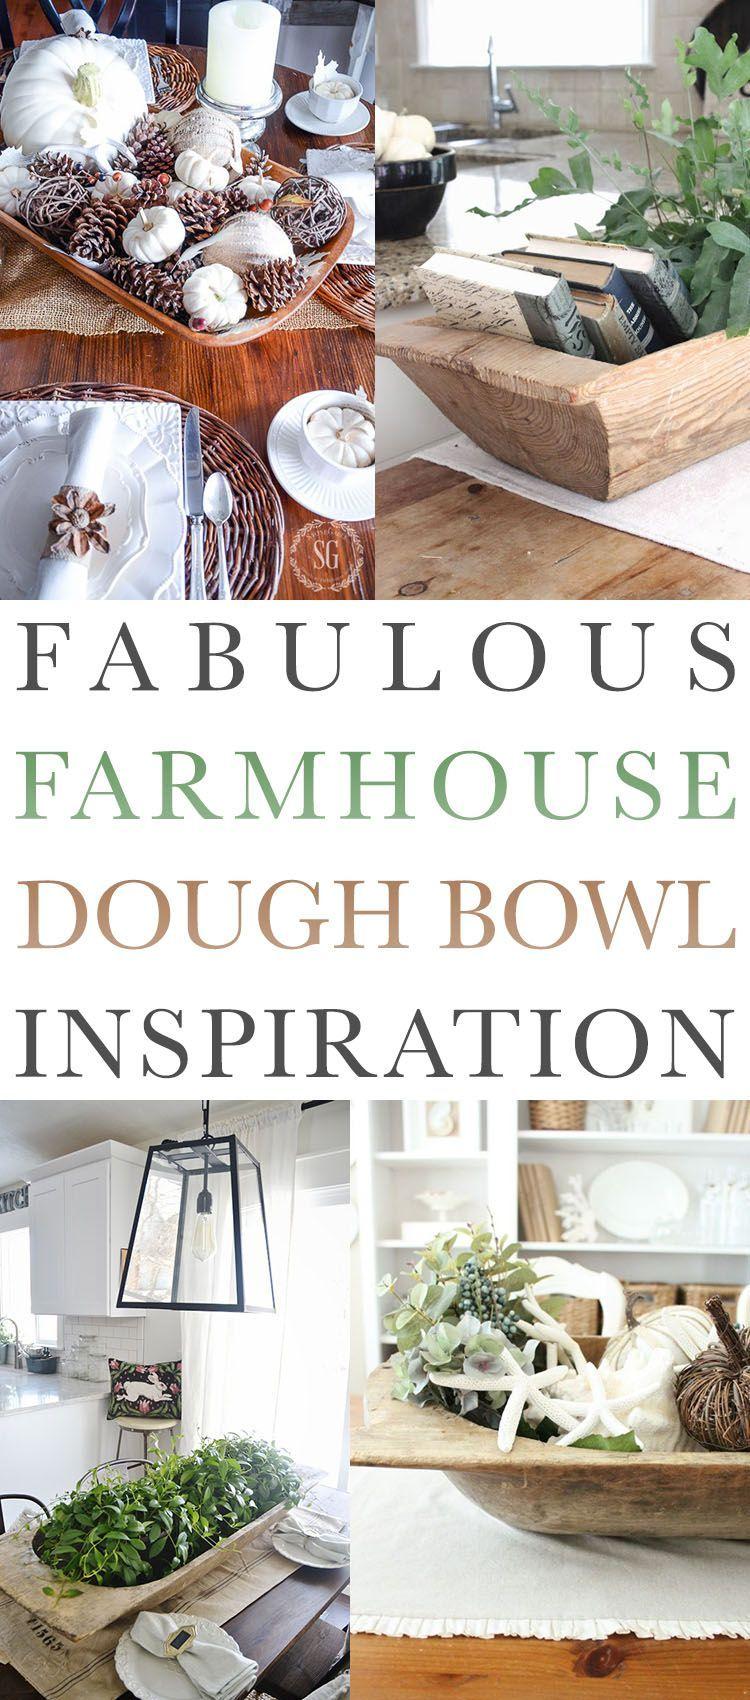 Fabulous Farmhouse Dough Bowl Inspiration  The Cottage Market